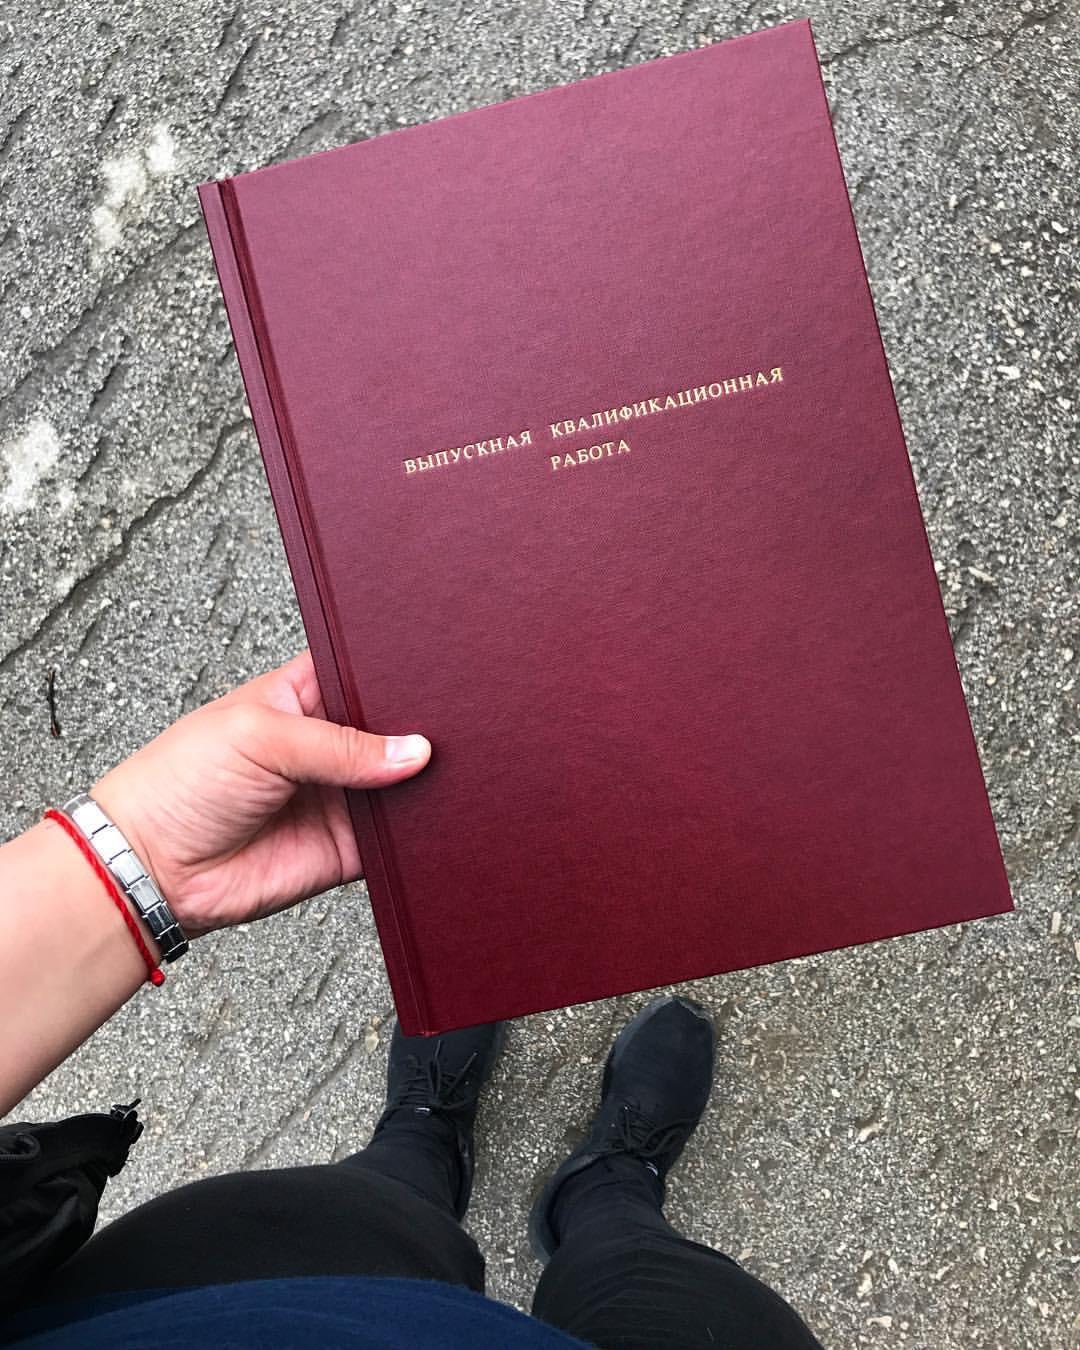 Продам качественный диплом экономика на тему ФИНАНСОВОЕ  Продам качественный диплом экономика на тему ФИНАНСОВОЕ СОСТОЯНИЕ ОРГАНИЗАЦИИ ОЦЕНКА И ПУТИ УЛУЧШЕНия